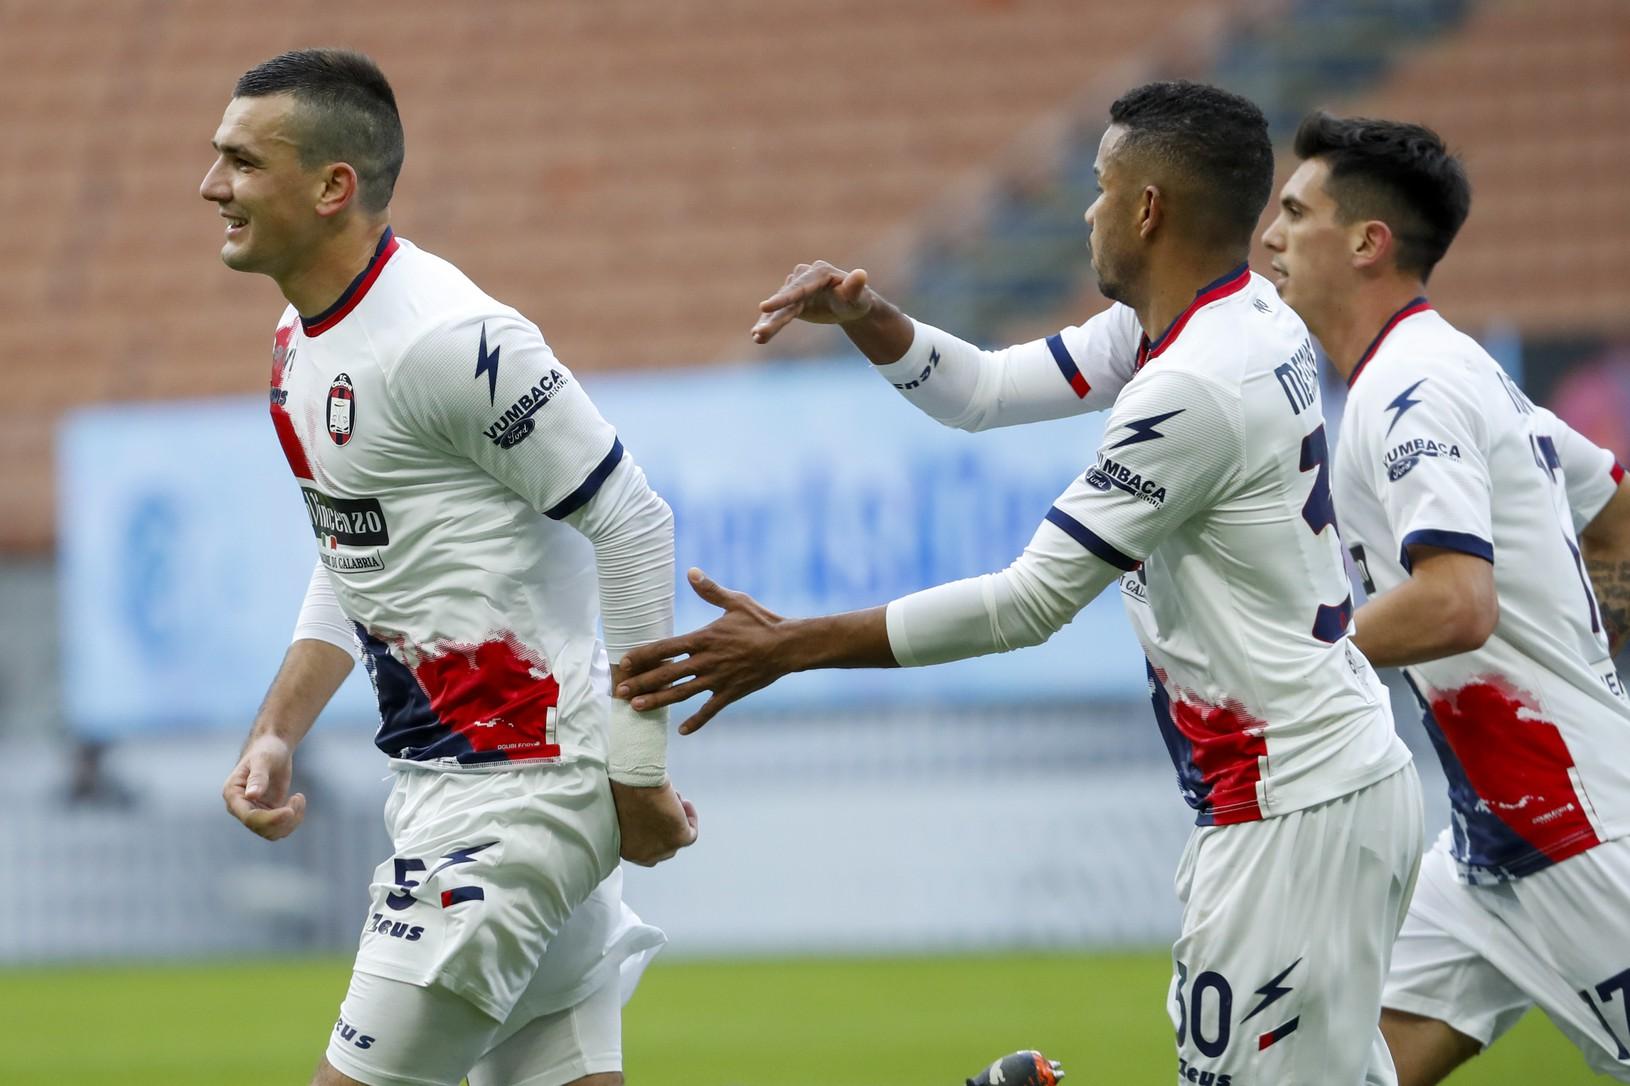 Hráči Crotone oslavujú gól